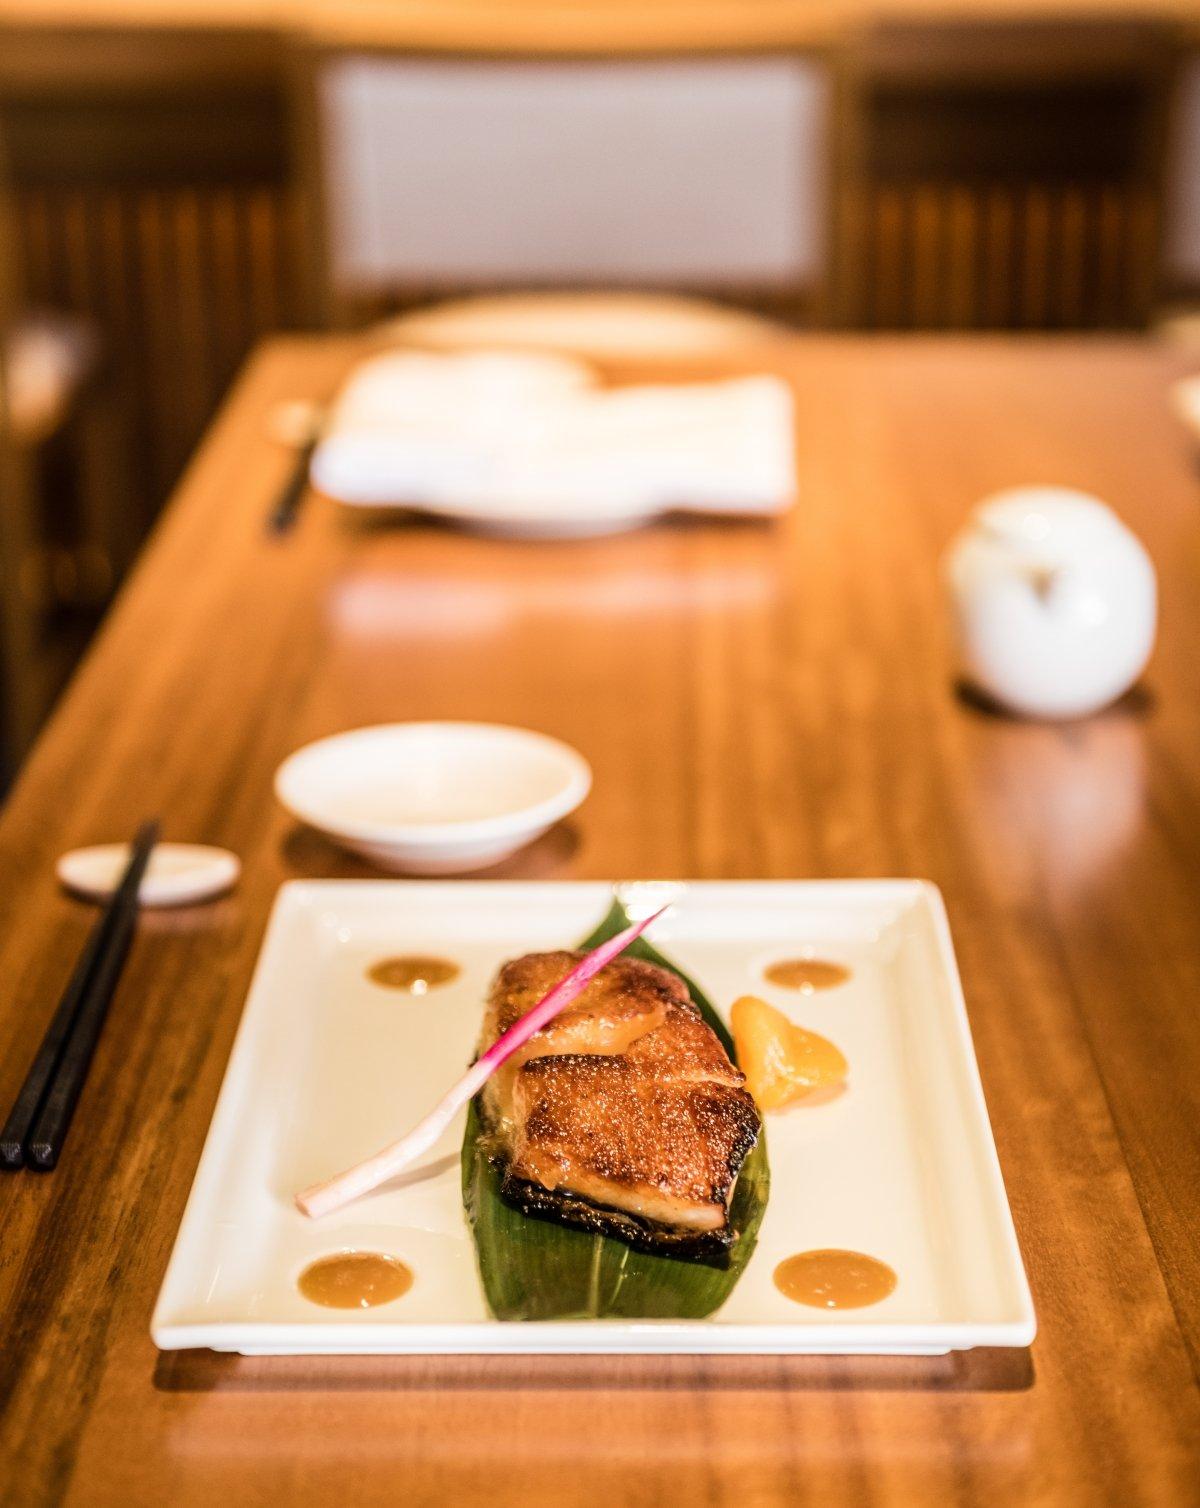 Uno de los platos del restaurante Nobu servido en una mesa